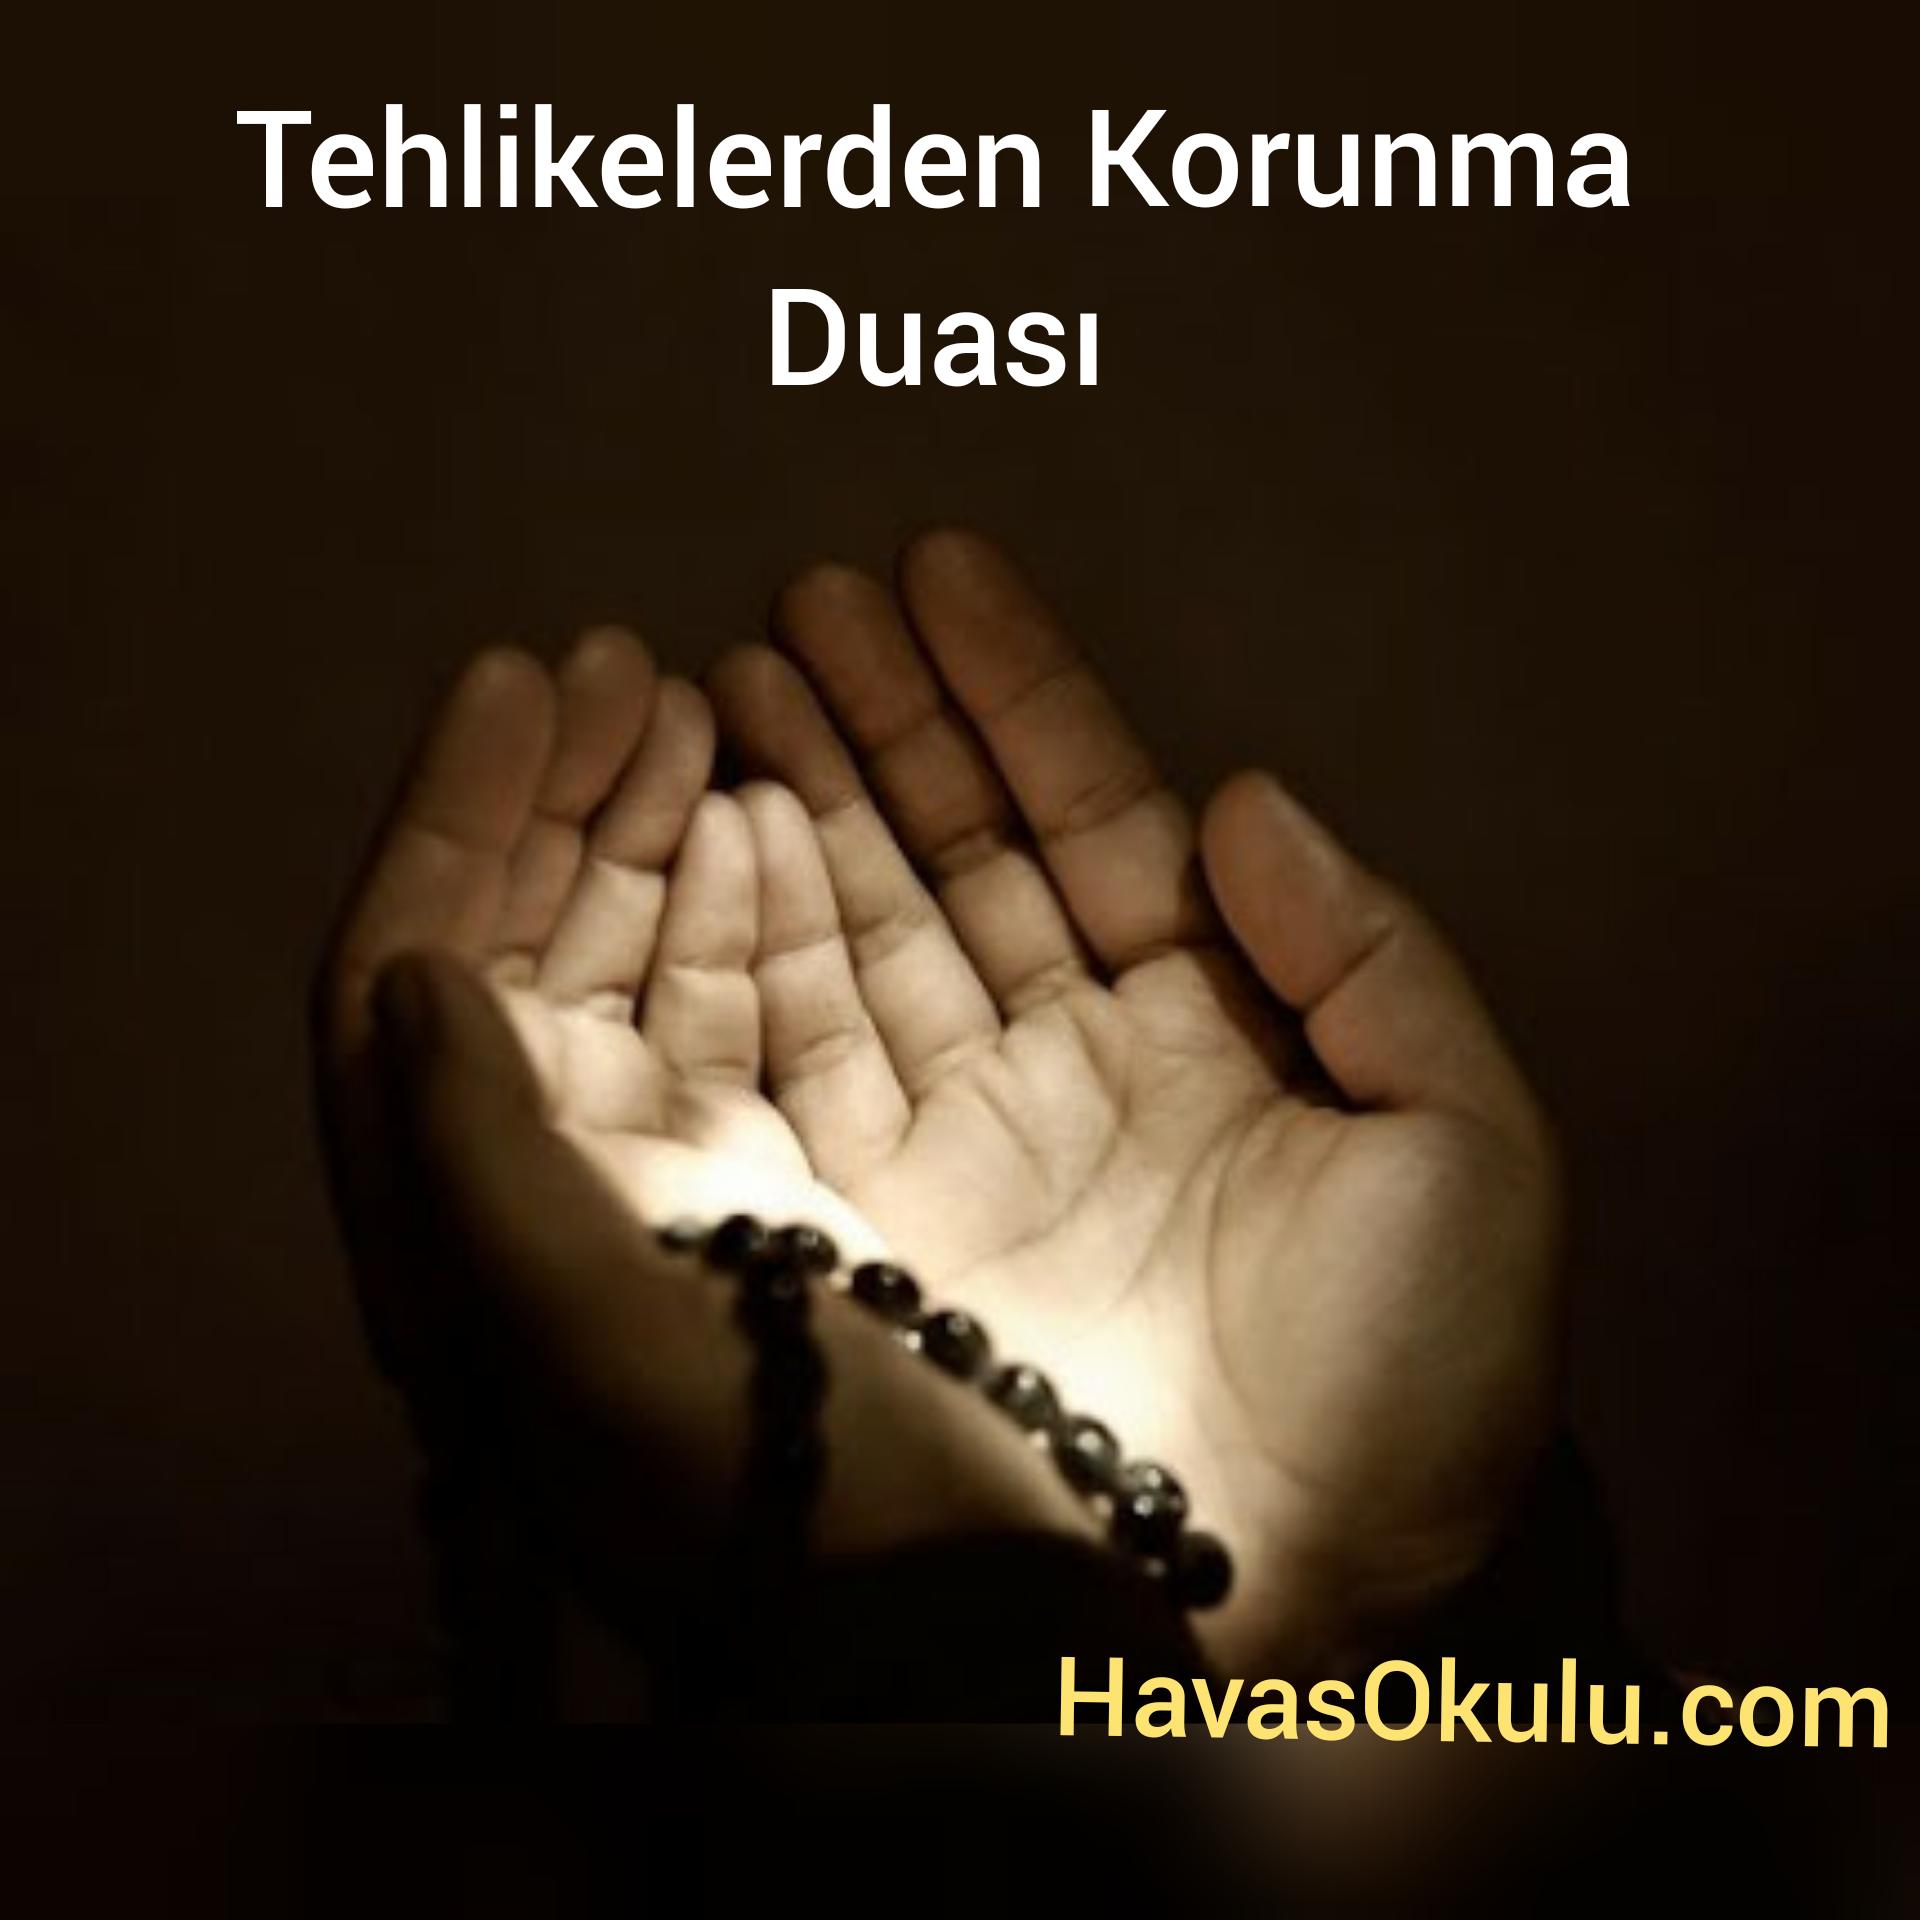 İnsanı Tehlikelerden Koruyan Dualar